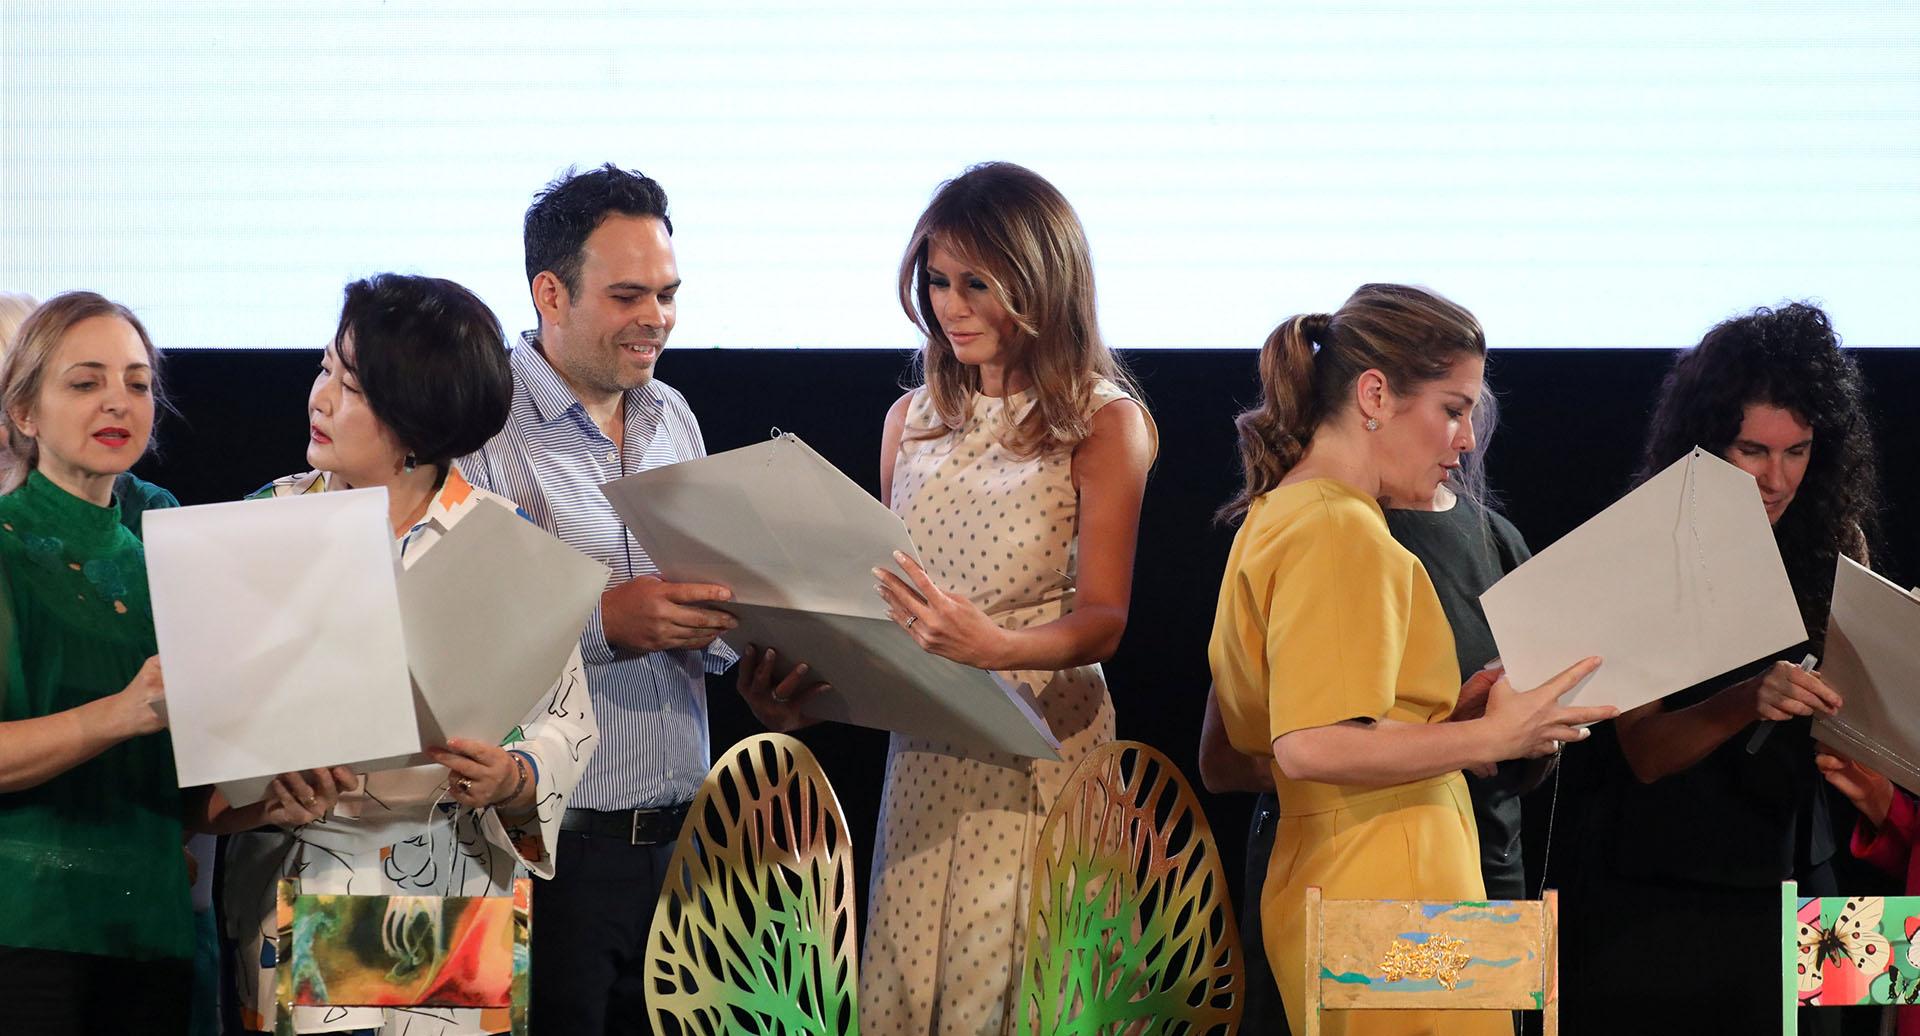 Todas las damas observaron atentamente los bocetos originales de los artistas argentinos . Cada una con su intérprete le explicaron en detalle cada uno de los proyectos